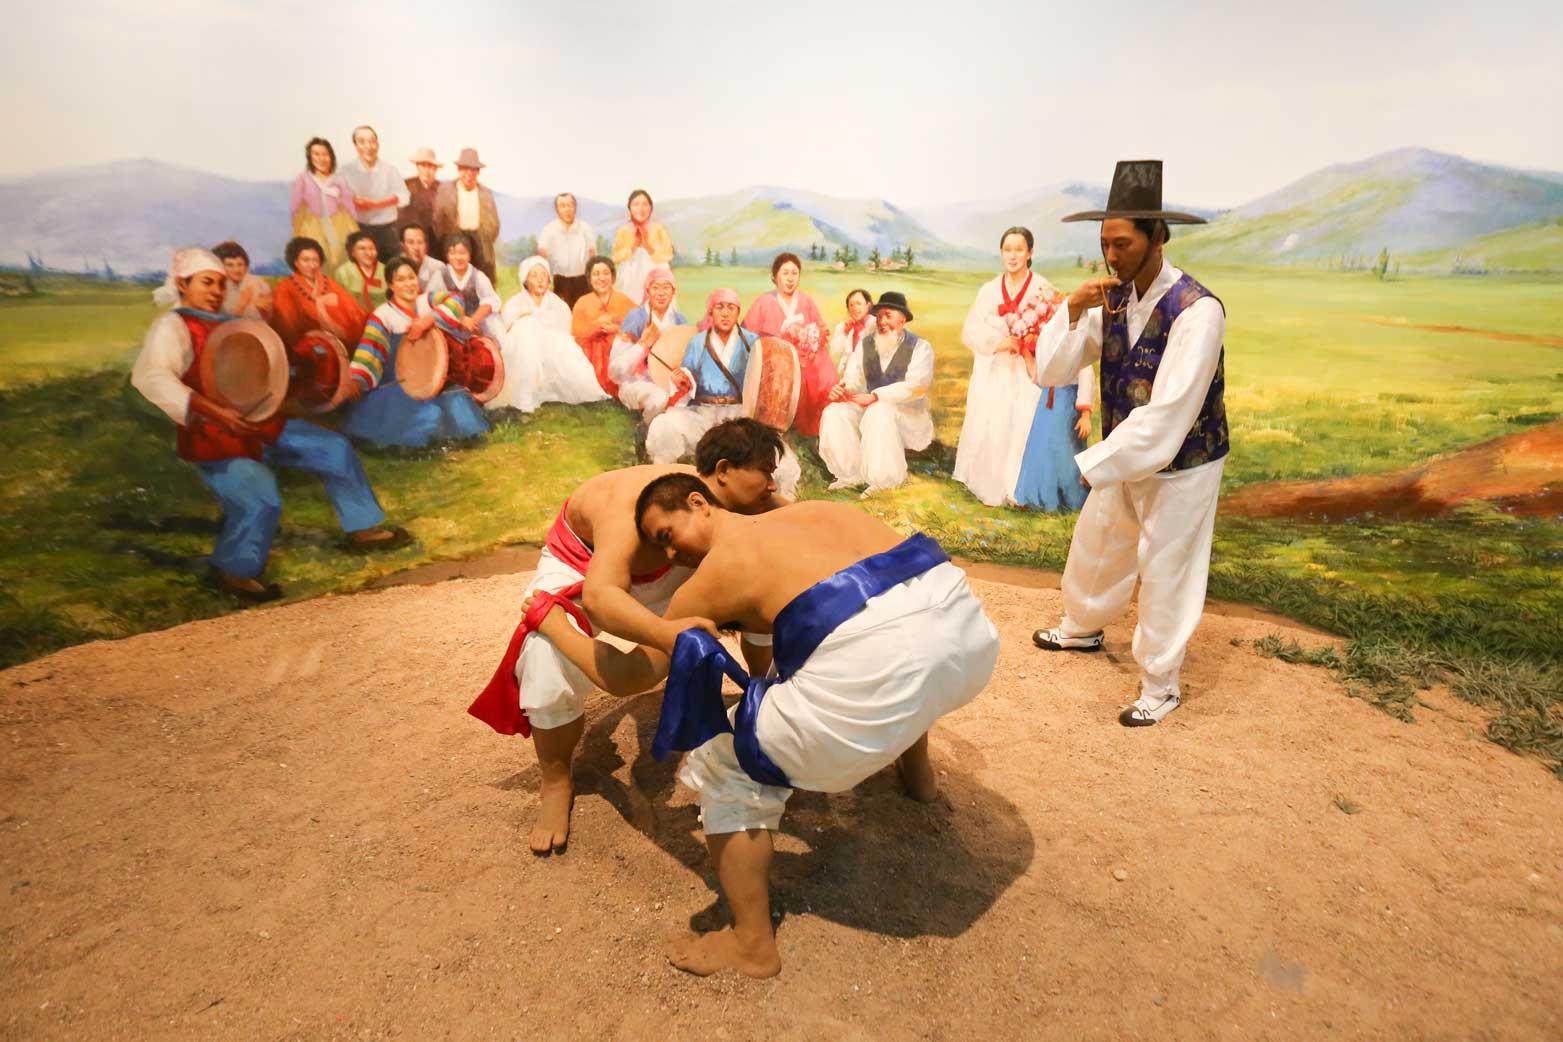 延辺朝鮮族自治州60周年にできた延辺博物館と朝鮮族の冷めた関係_b0235153_11224959.jpg